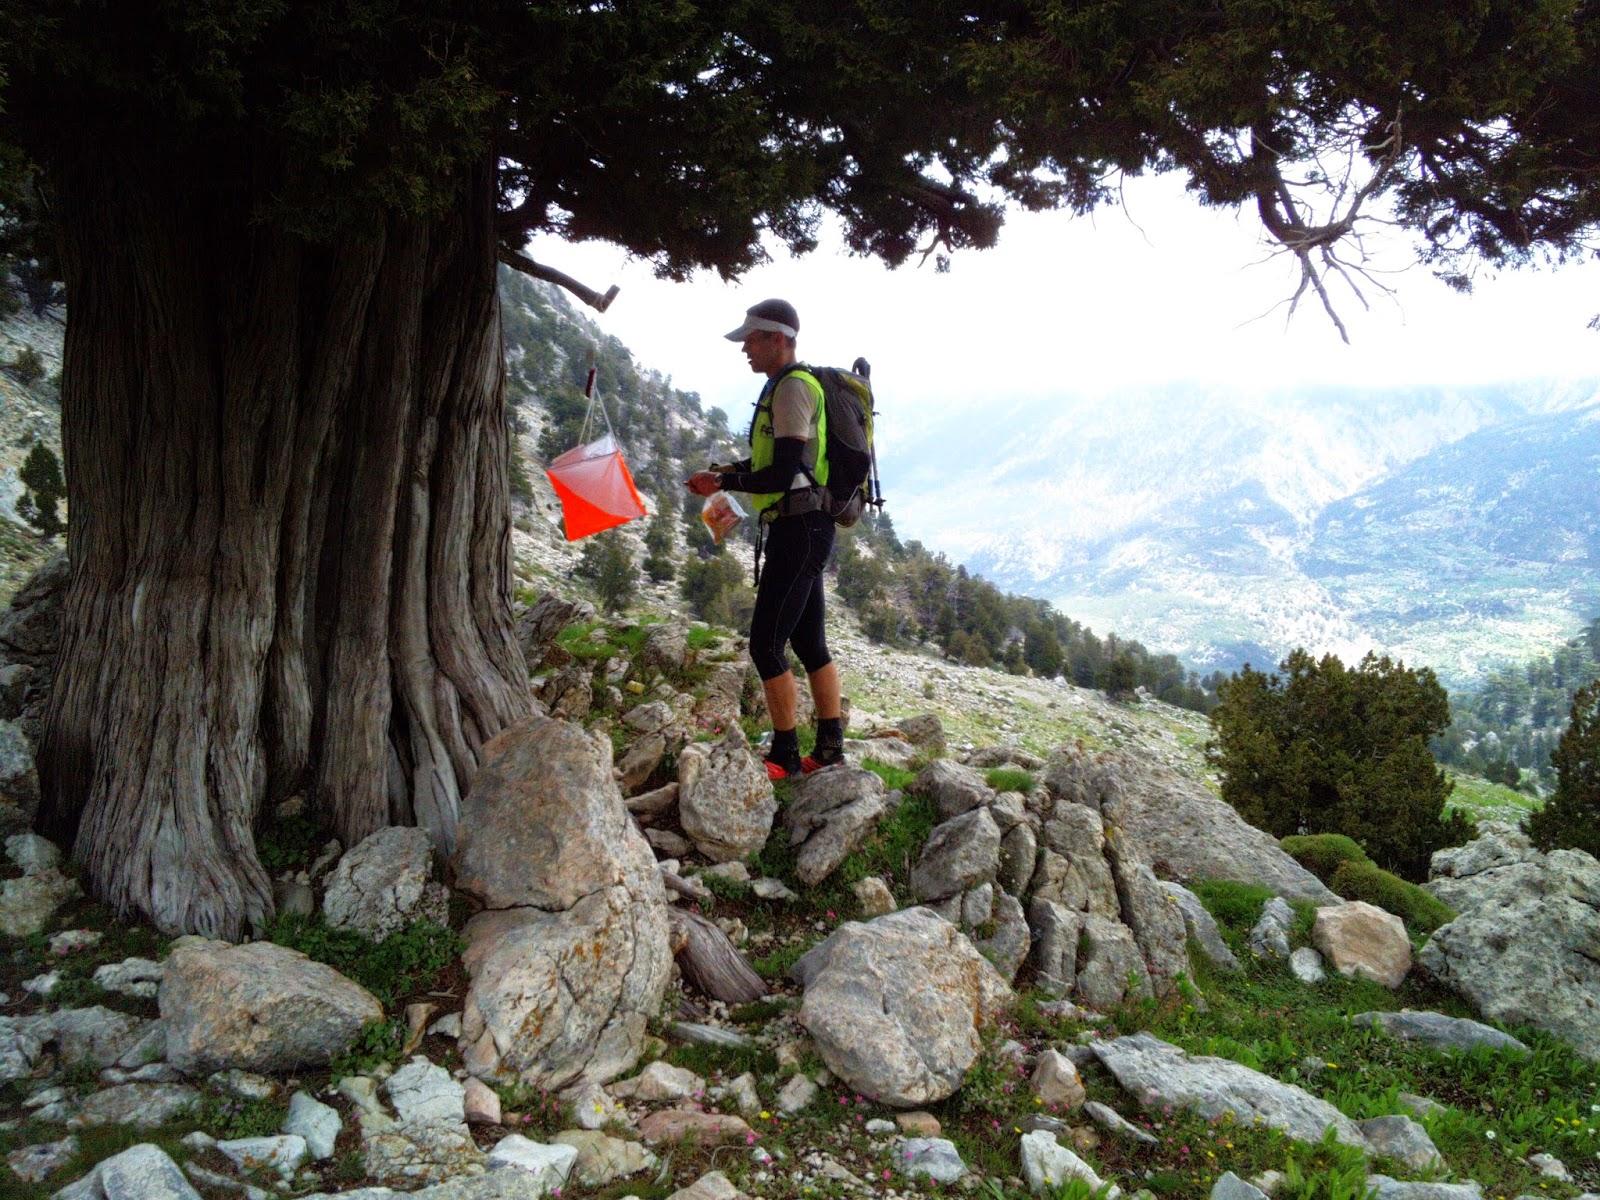 1ede2268ac7 Edasi ootas pikem punktivahe pikki mäge, kus oli mitmeid rajavalikuid - kas  kulgeda kohe alla orgu või liikuda mööda kaljust mäge või kasutada  saabumisest ...